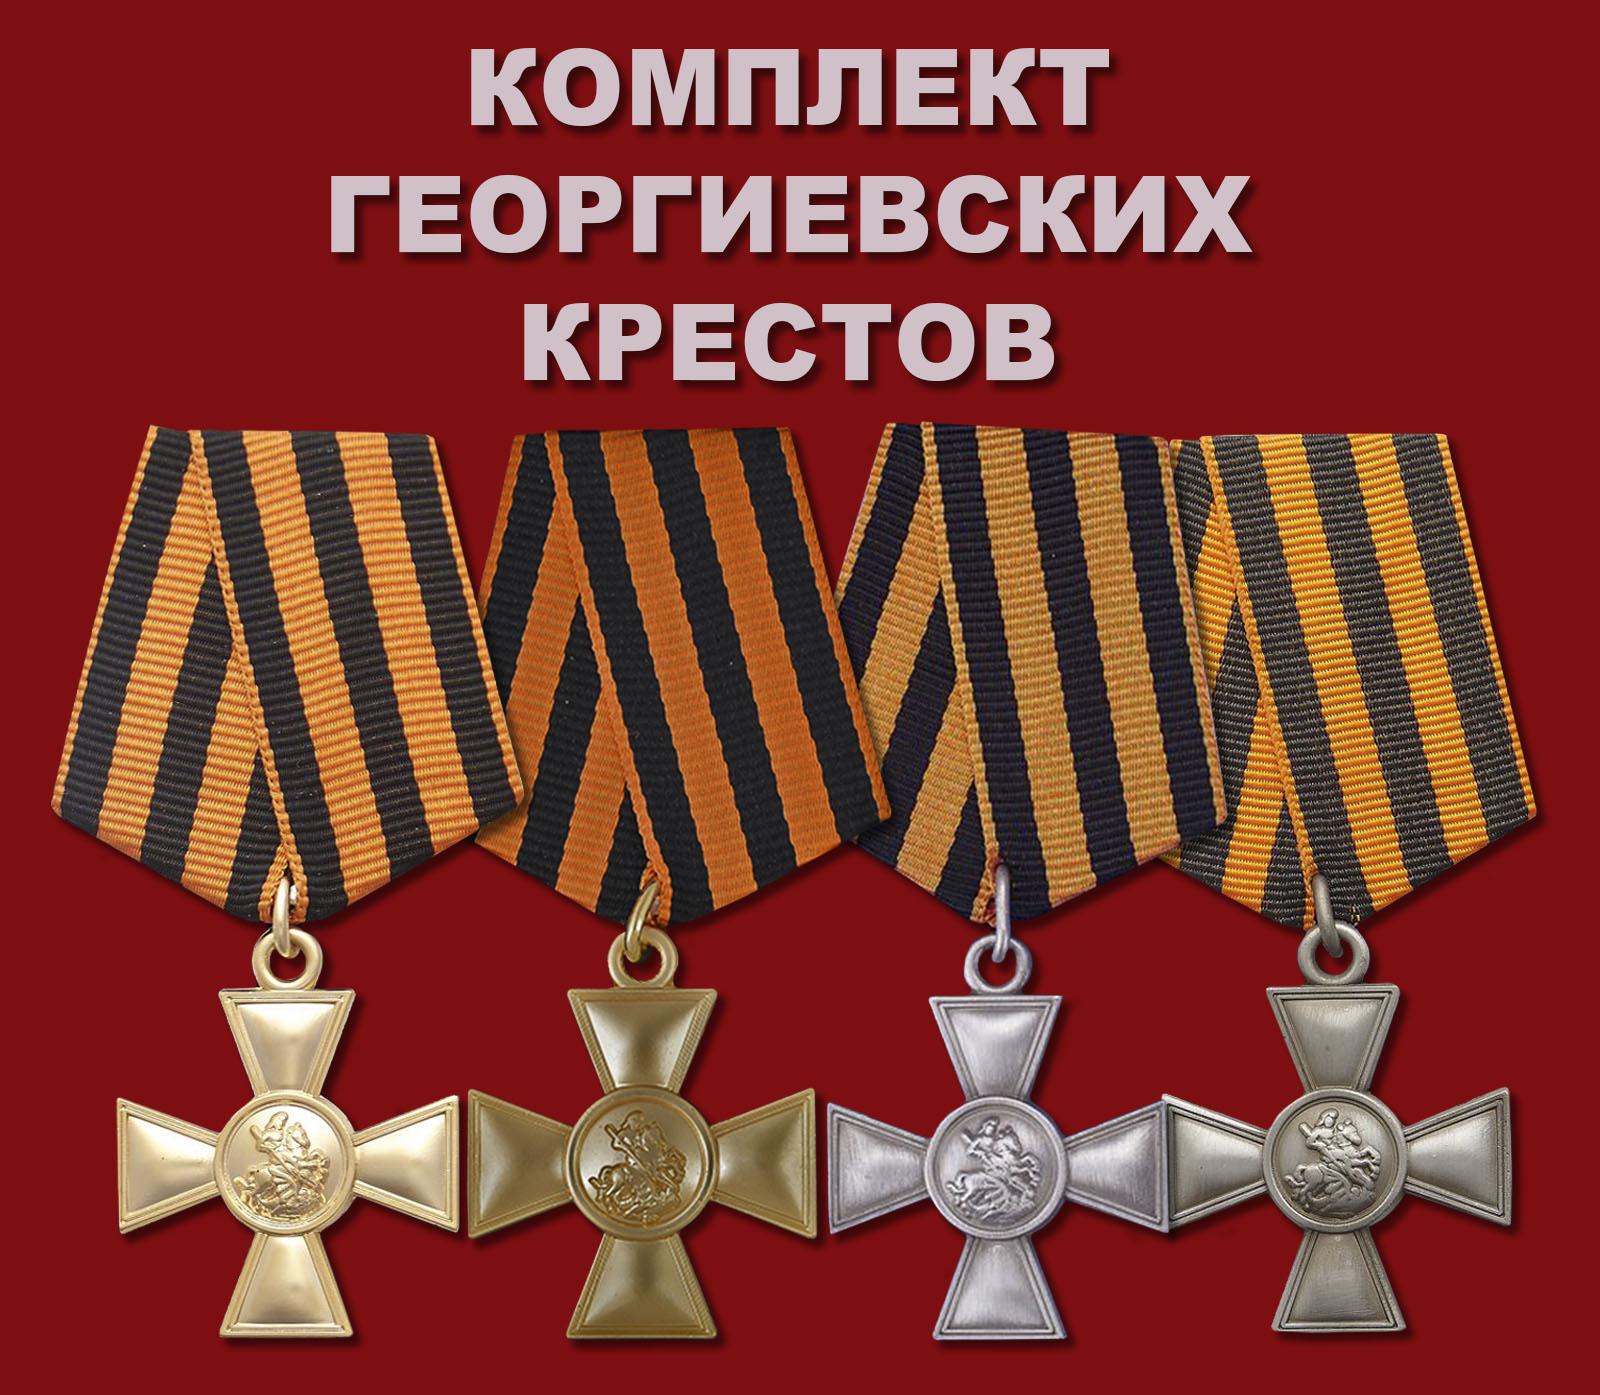 Полный комплект Георгиевских крестов